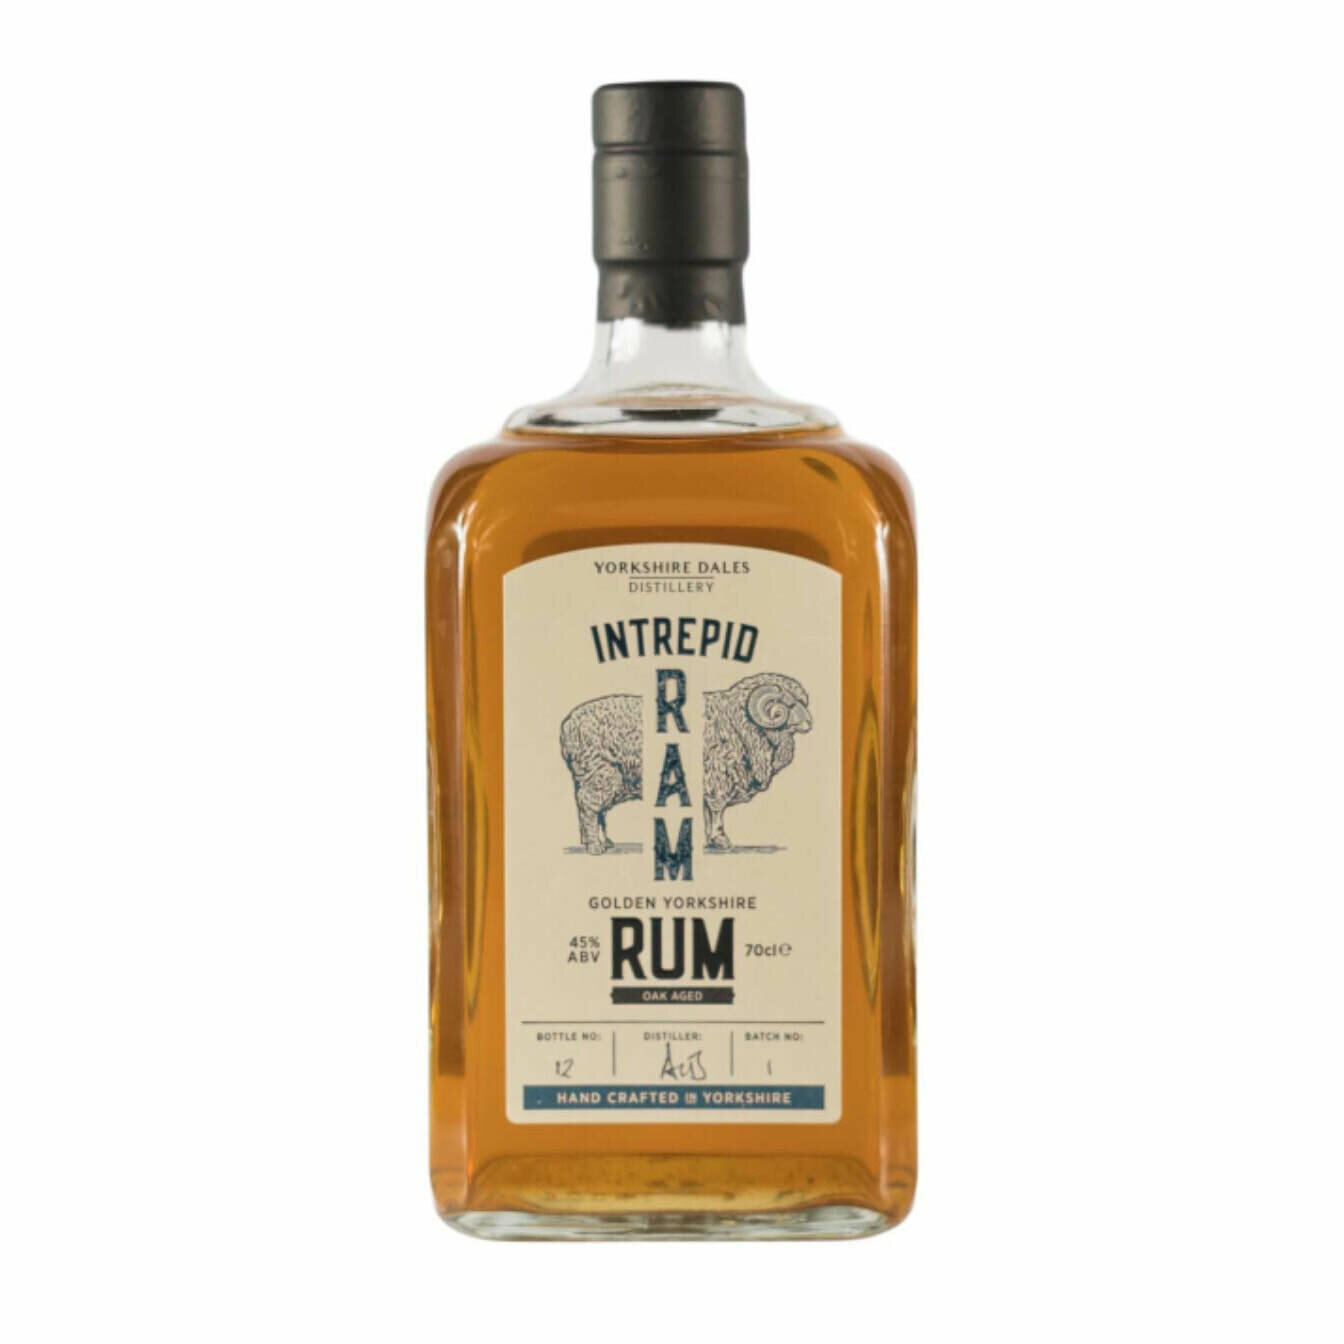 Intrepid Ram Rum